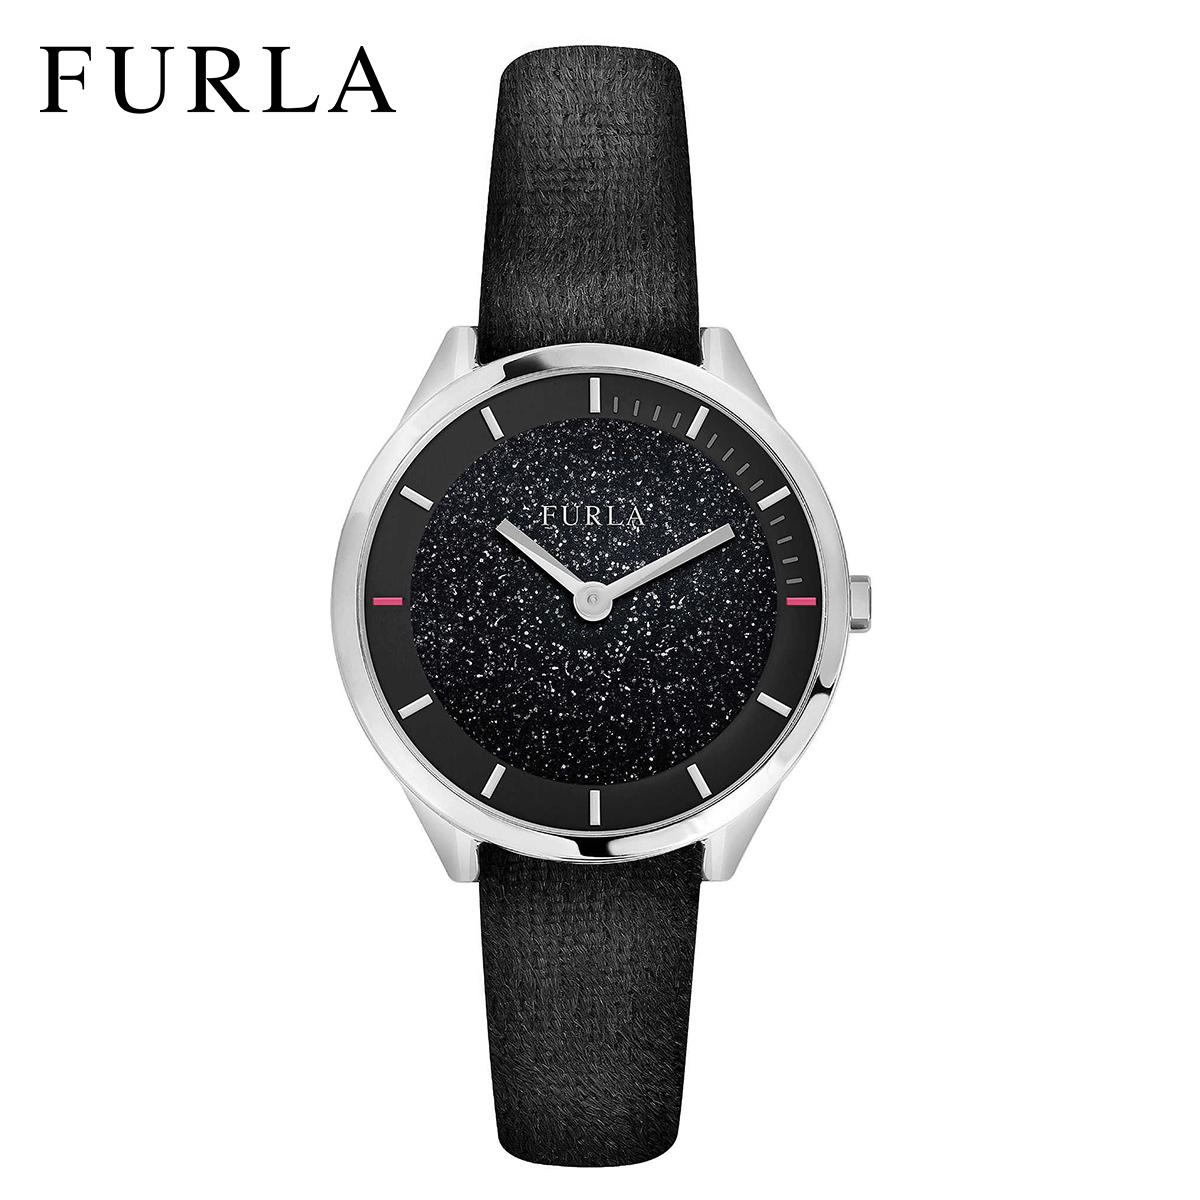 フルラ FURLA VELVET ベルベット R4251123501 レディース 時計 腕時計 クオーツ